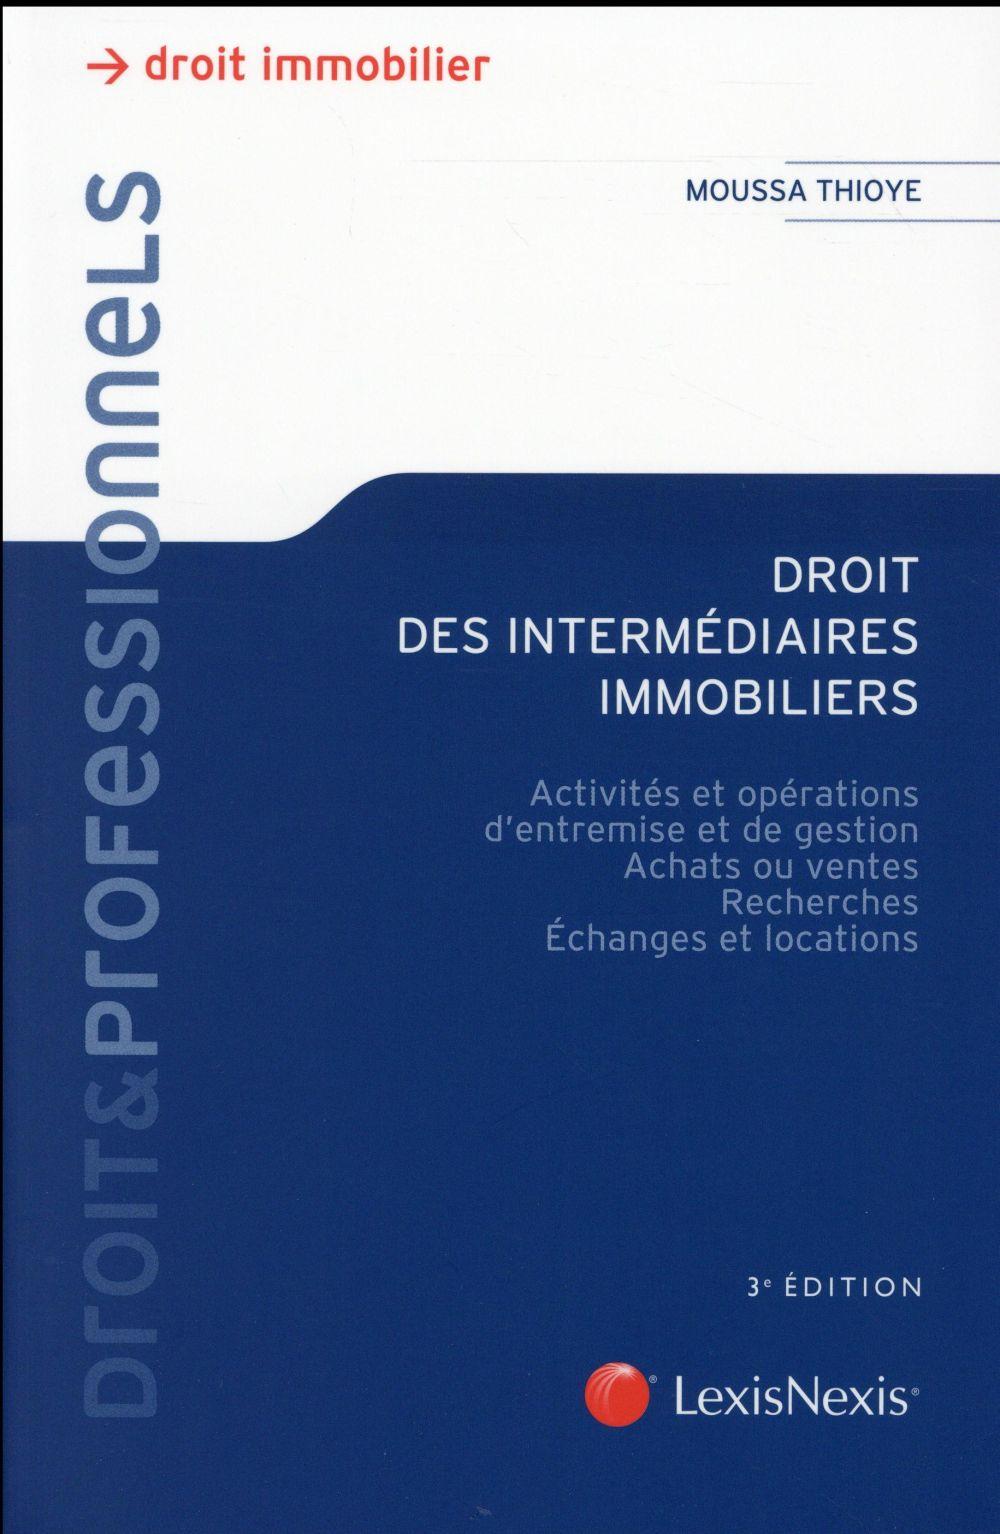 Droit des intermédiaires immobiliers (3e édition)